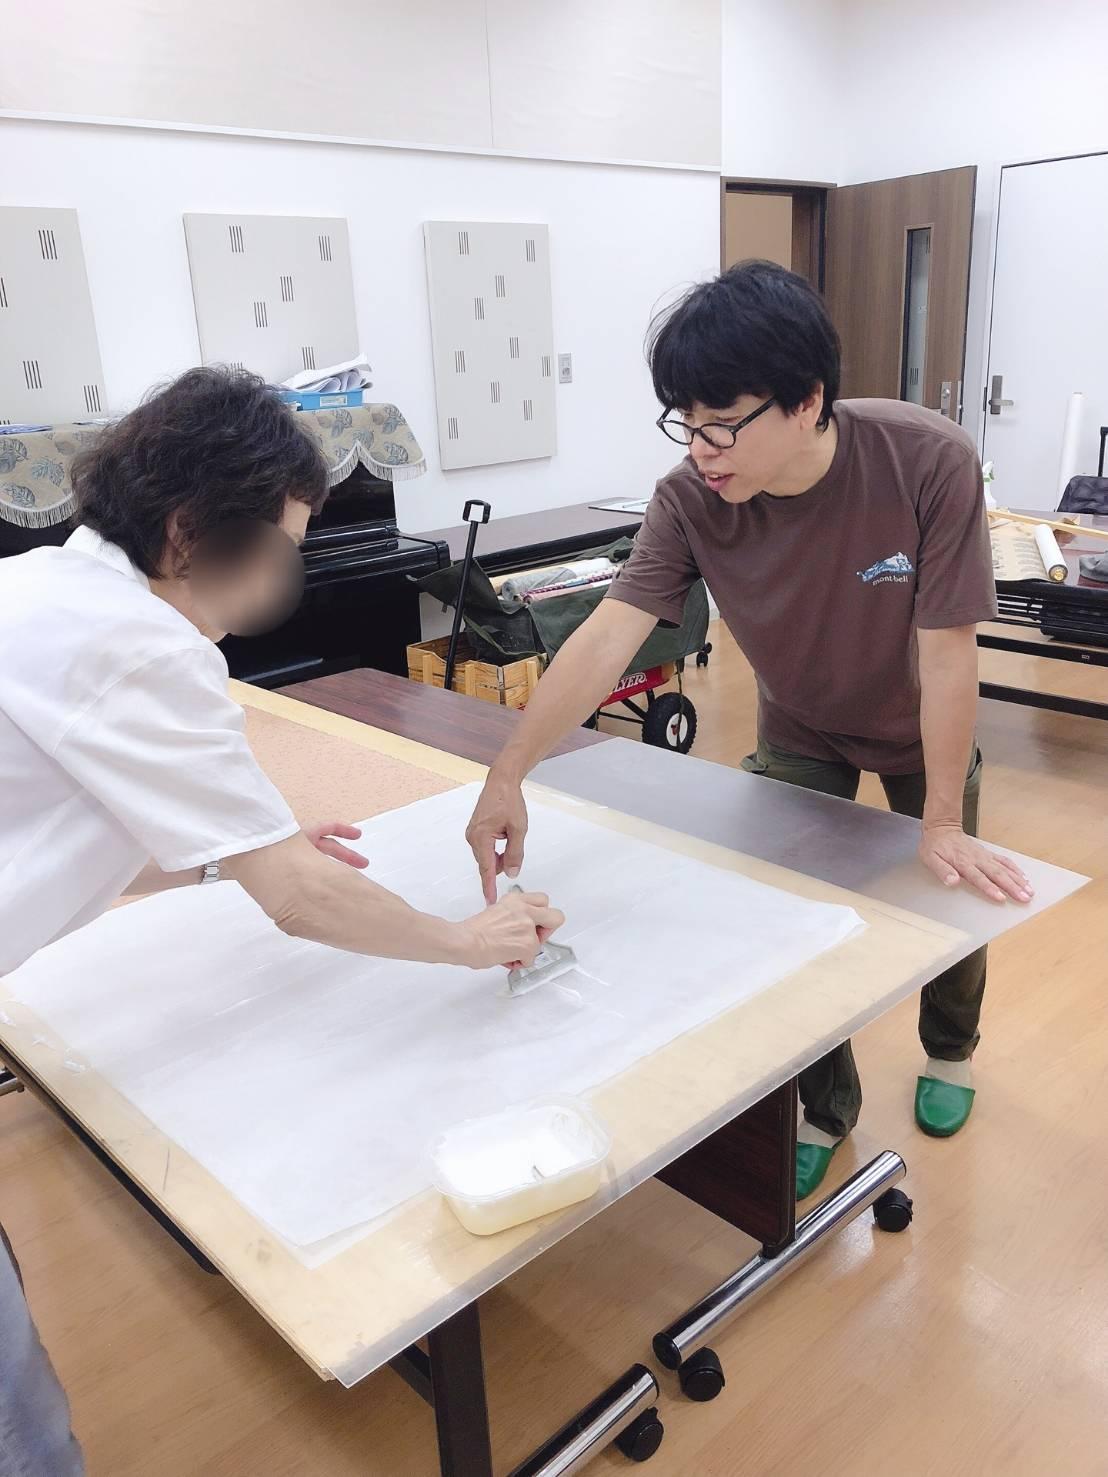 【三木校】体験:楽しい表装セミナー・日曜クラス3DAY体験 20/11/01~21/02/07